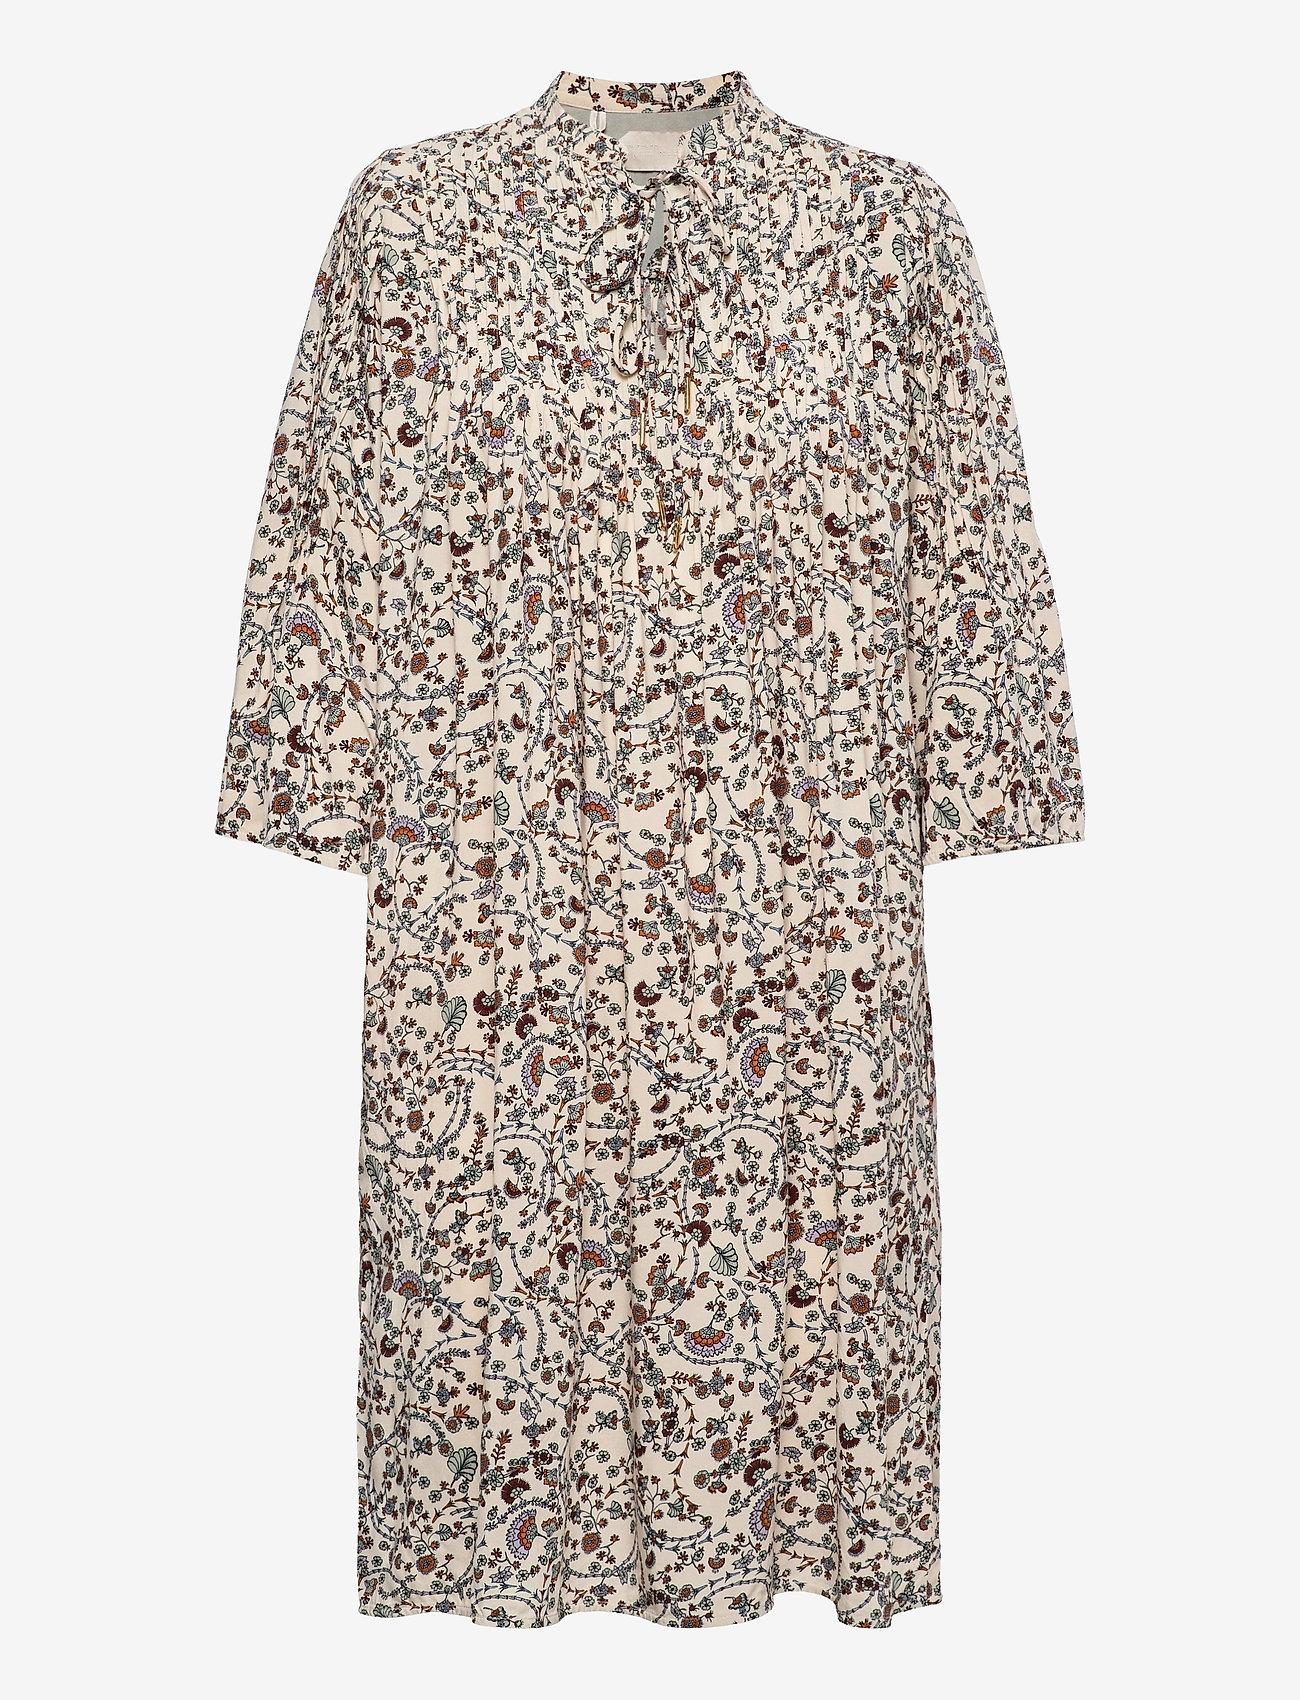 Noa Noa - Dress long sleeve - sommerkjoler - print off white - 0